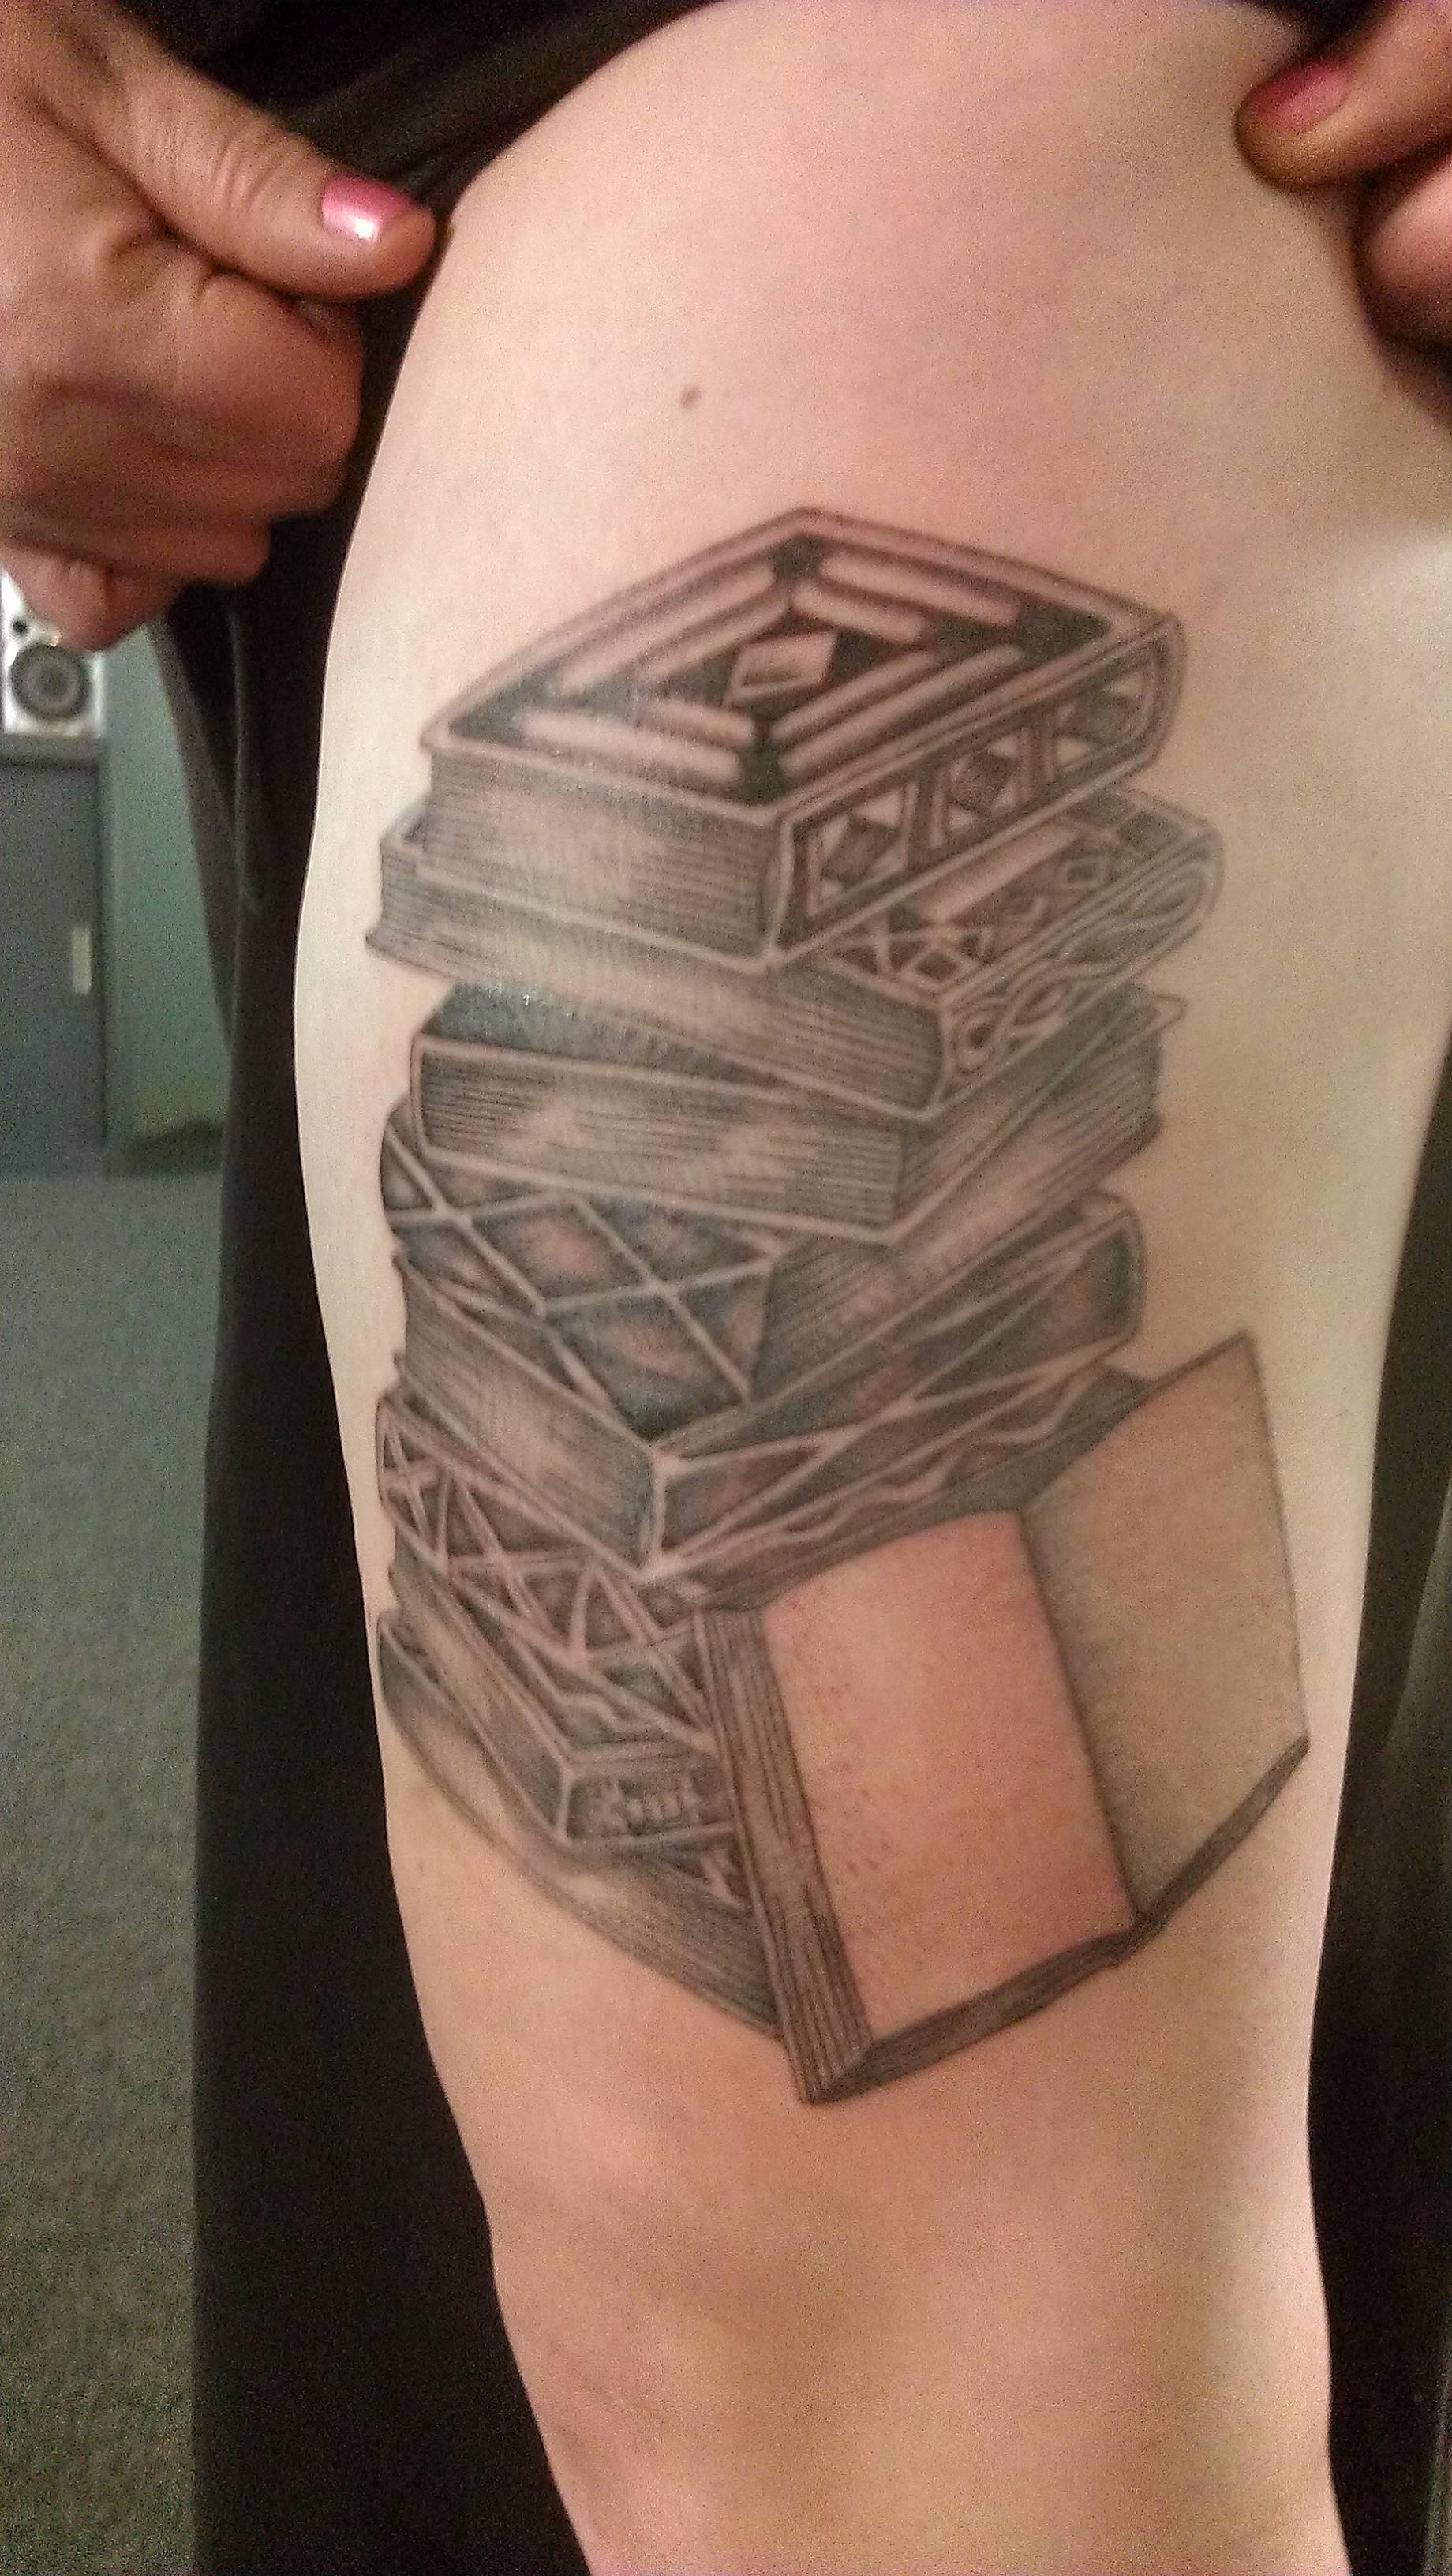 Beautiful tattoo of black books - TattooMagz Tattoos Of Books